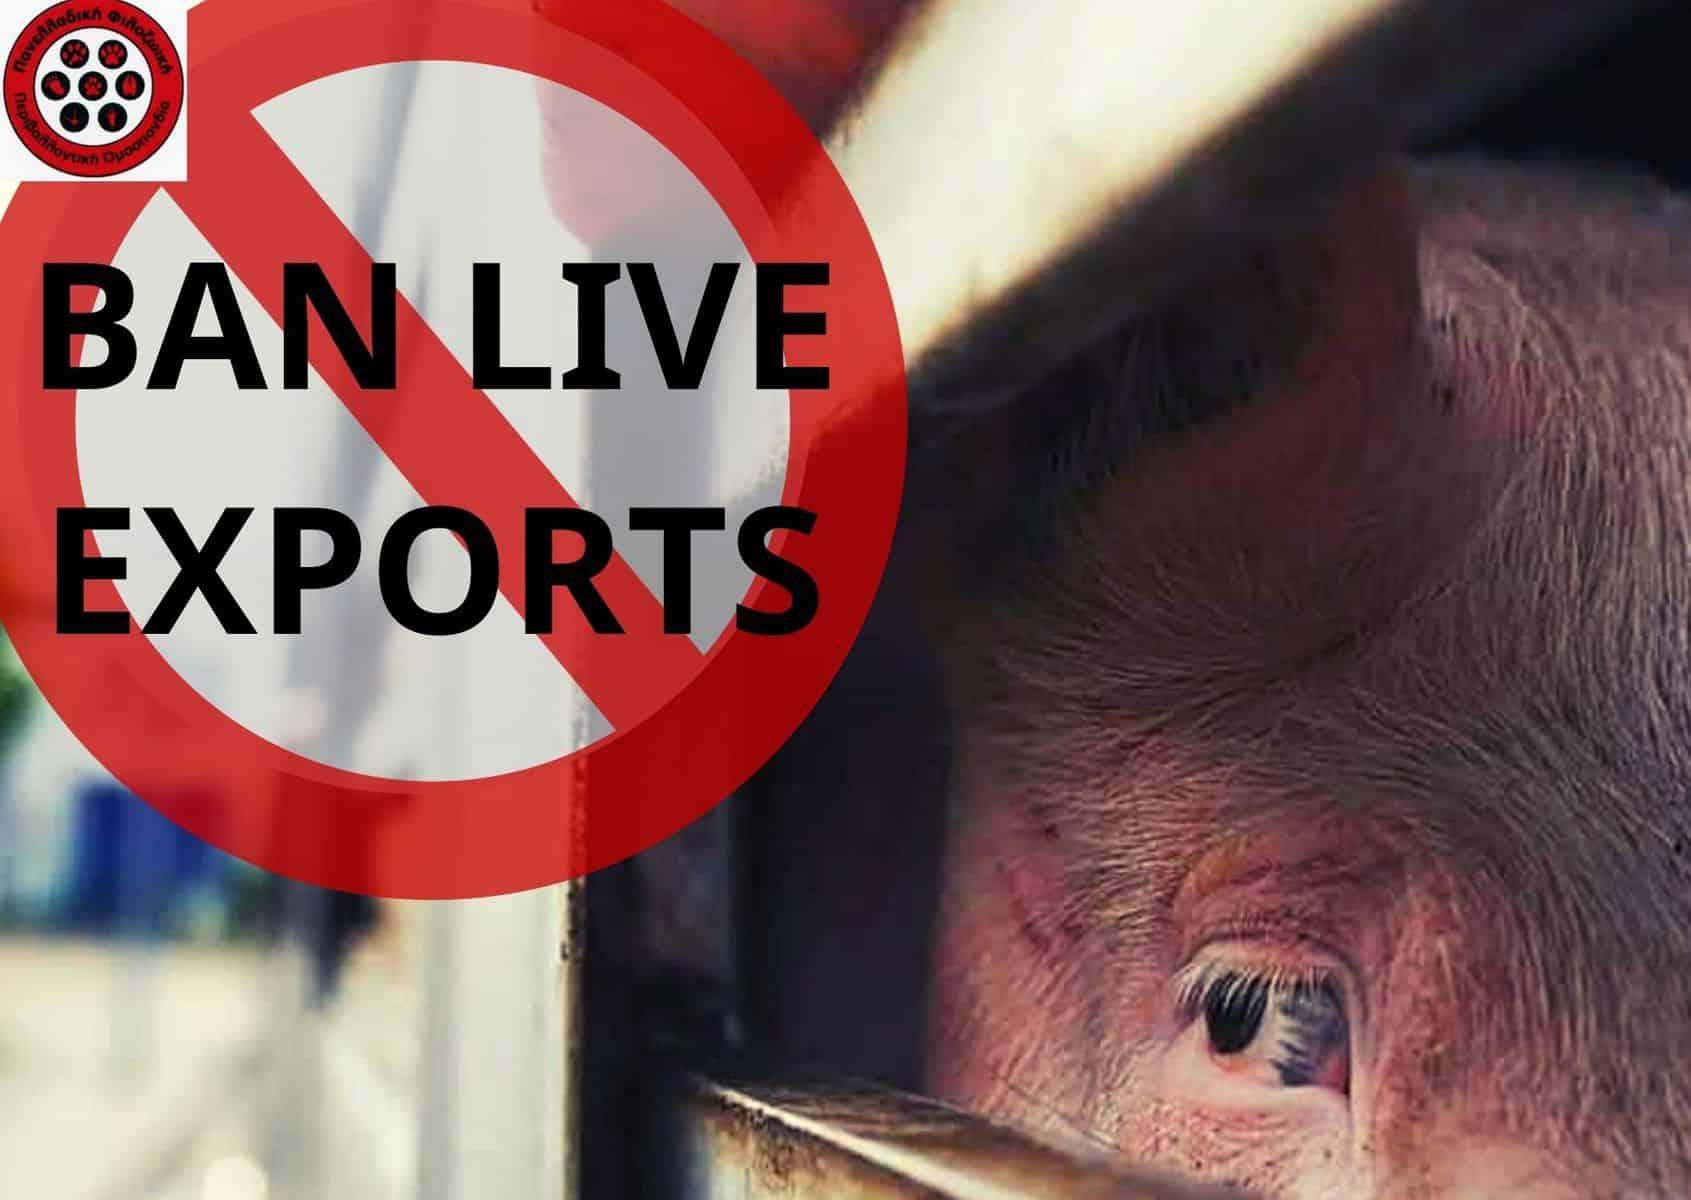 #BanLiveExports Tερματισμός ζωντανών εξαγωγών από την Ευρωπαϊκή Ένωση .